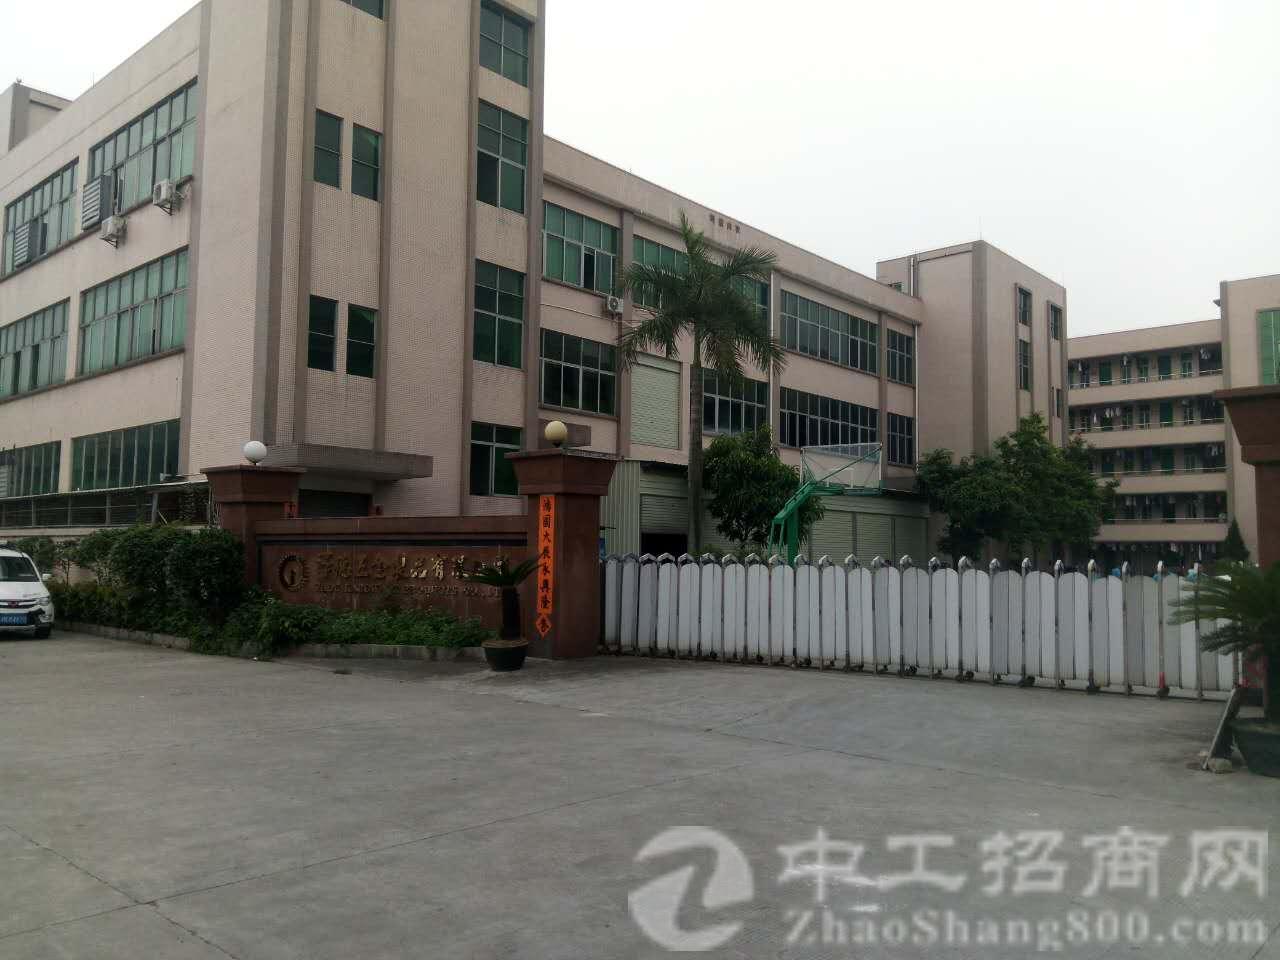 茶山公路旁全新独院厂房招租有消防证三吨电梯,厂房5000